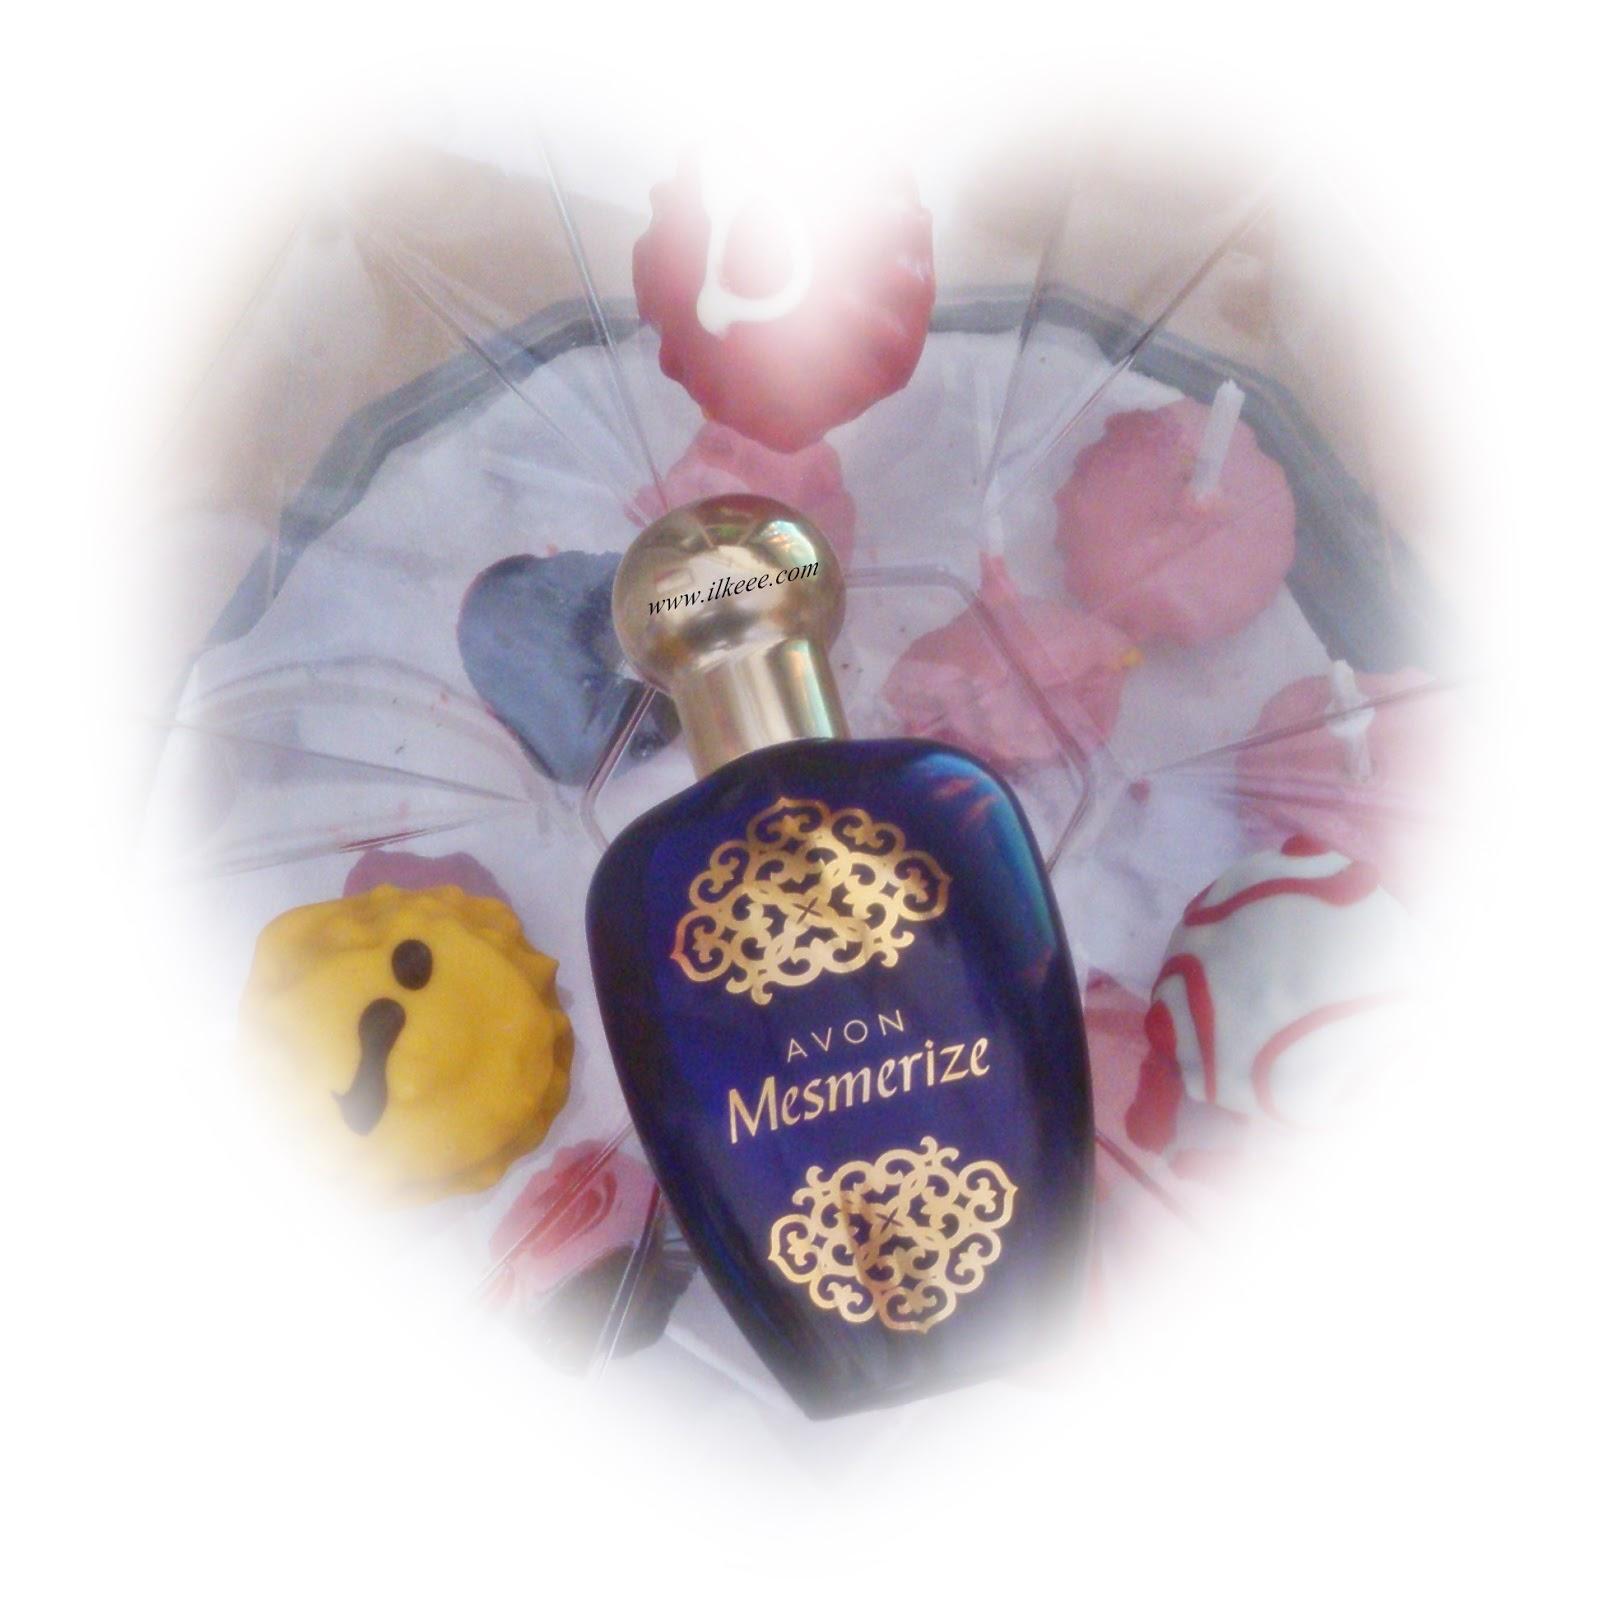 Avon Mesmerize Edt - Avon Mesmerise EDT parfüm incelemesi - Avon Bayan Parfümleri